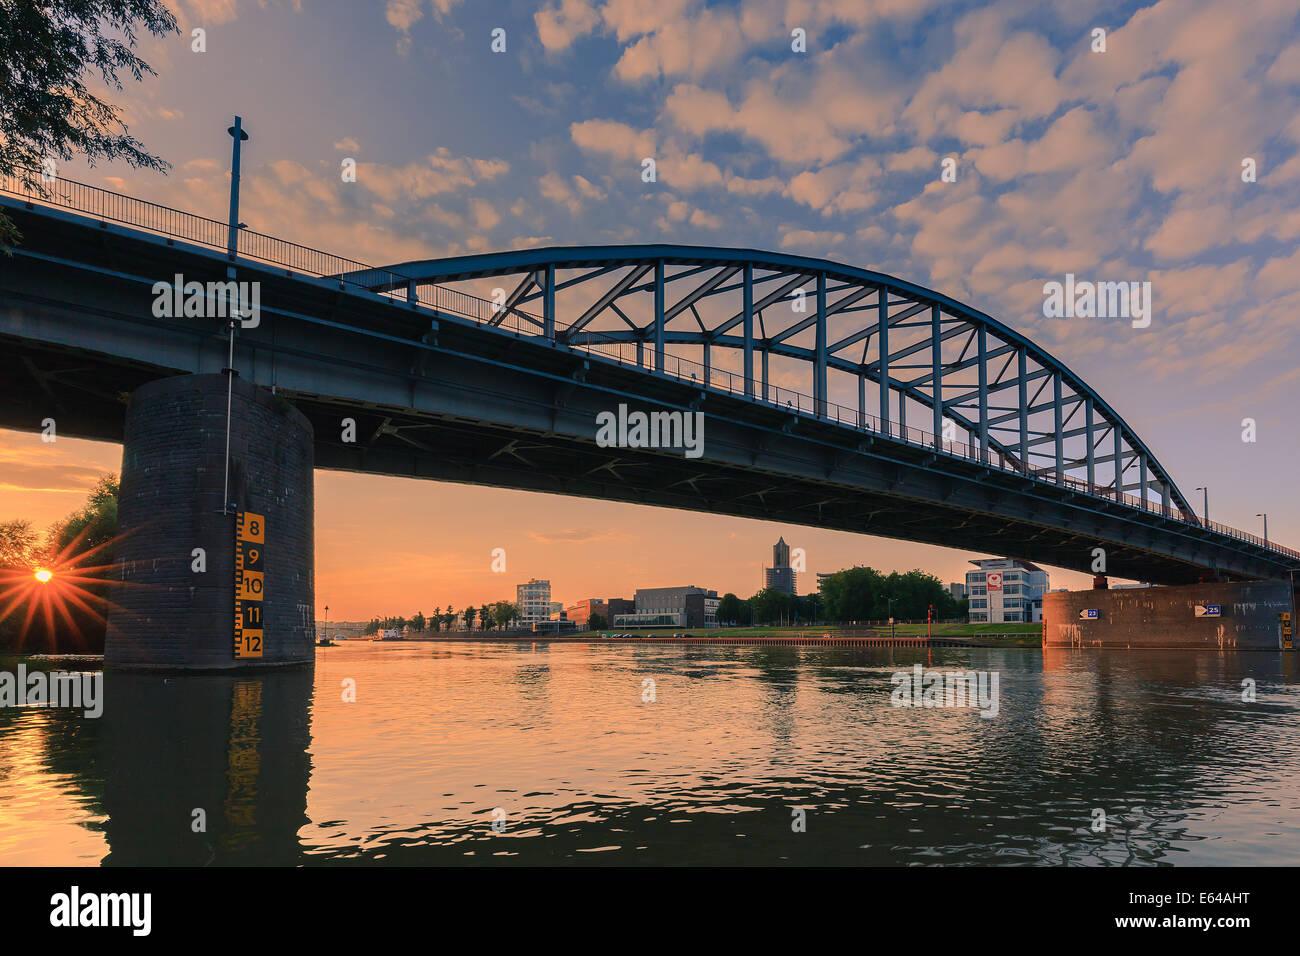 John-Frost-Brücke (John Frostbrug in niederländischer Sprache) ist die Straßenbrücke über Stockbild